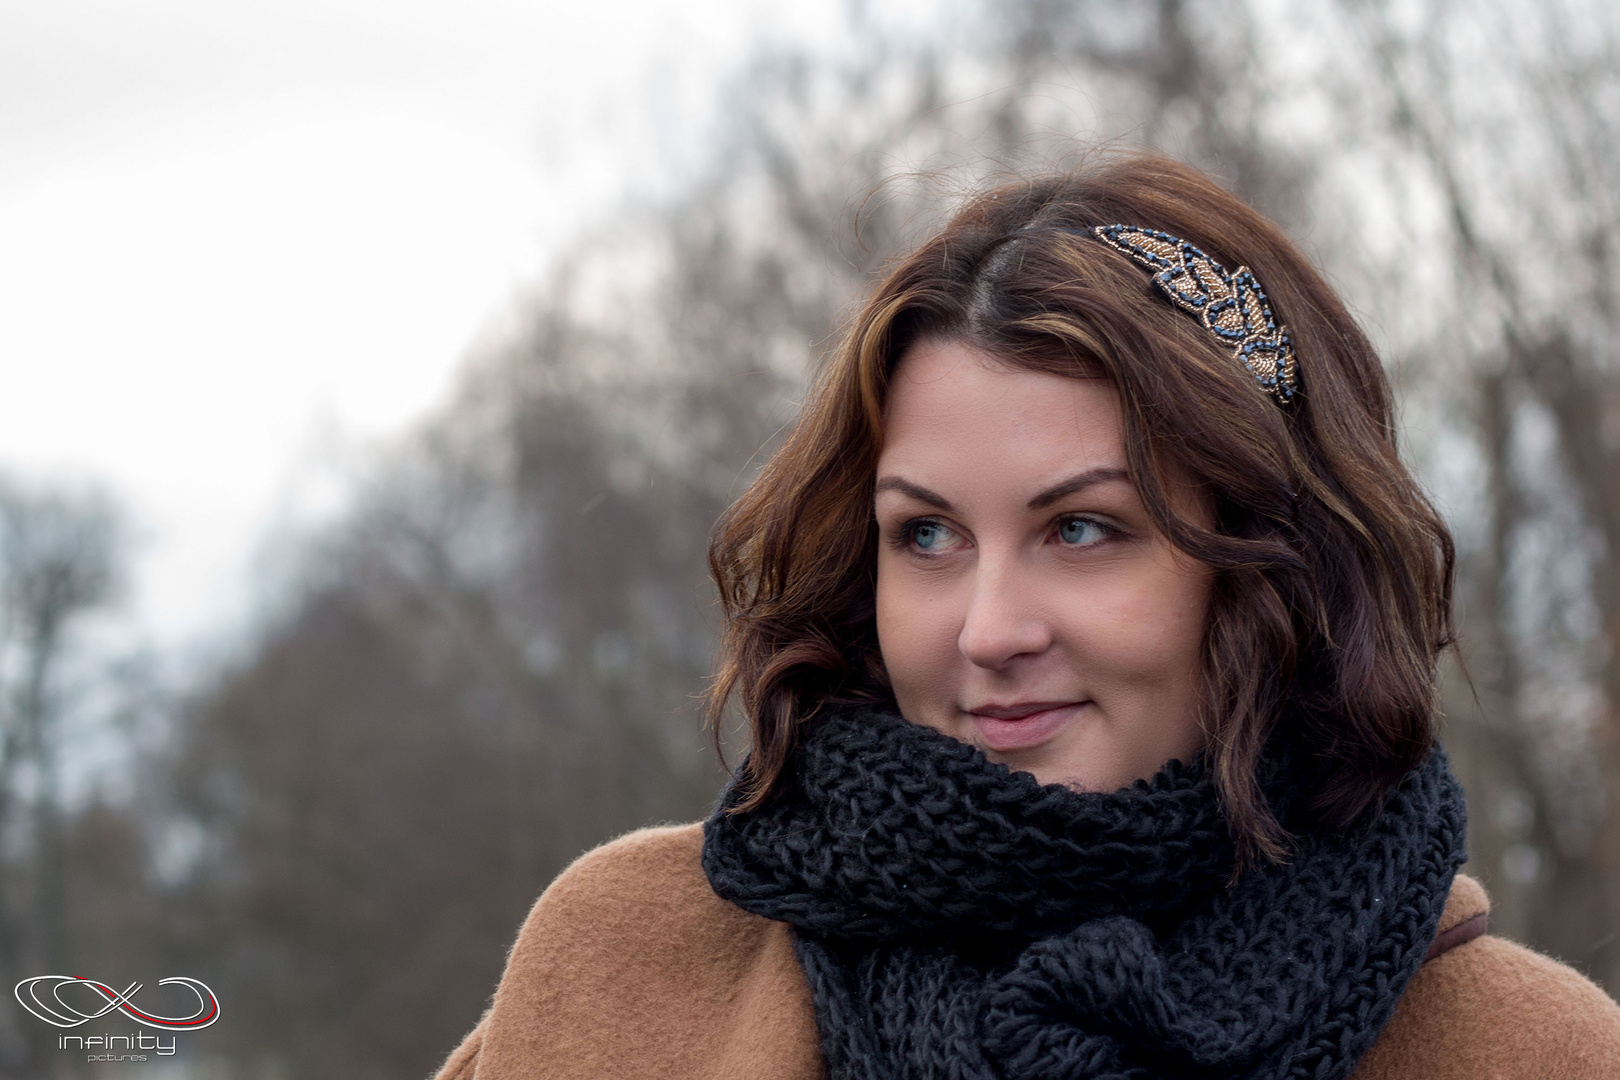 Kurvig Schön Foto Bild Fashion Outdoor Frauen Bilder Auf